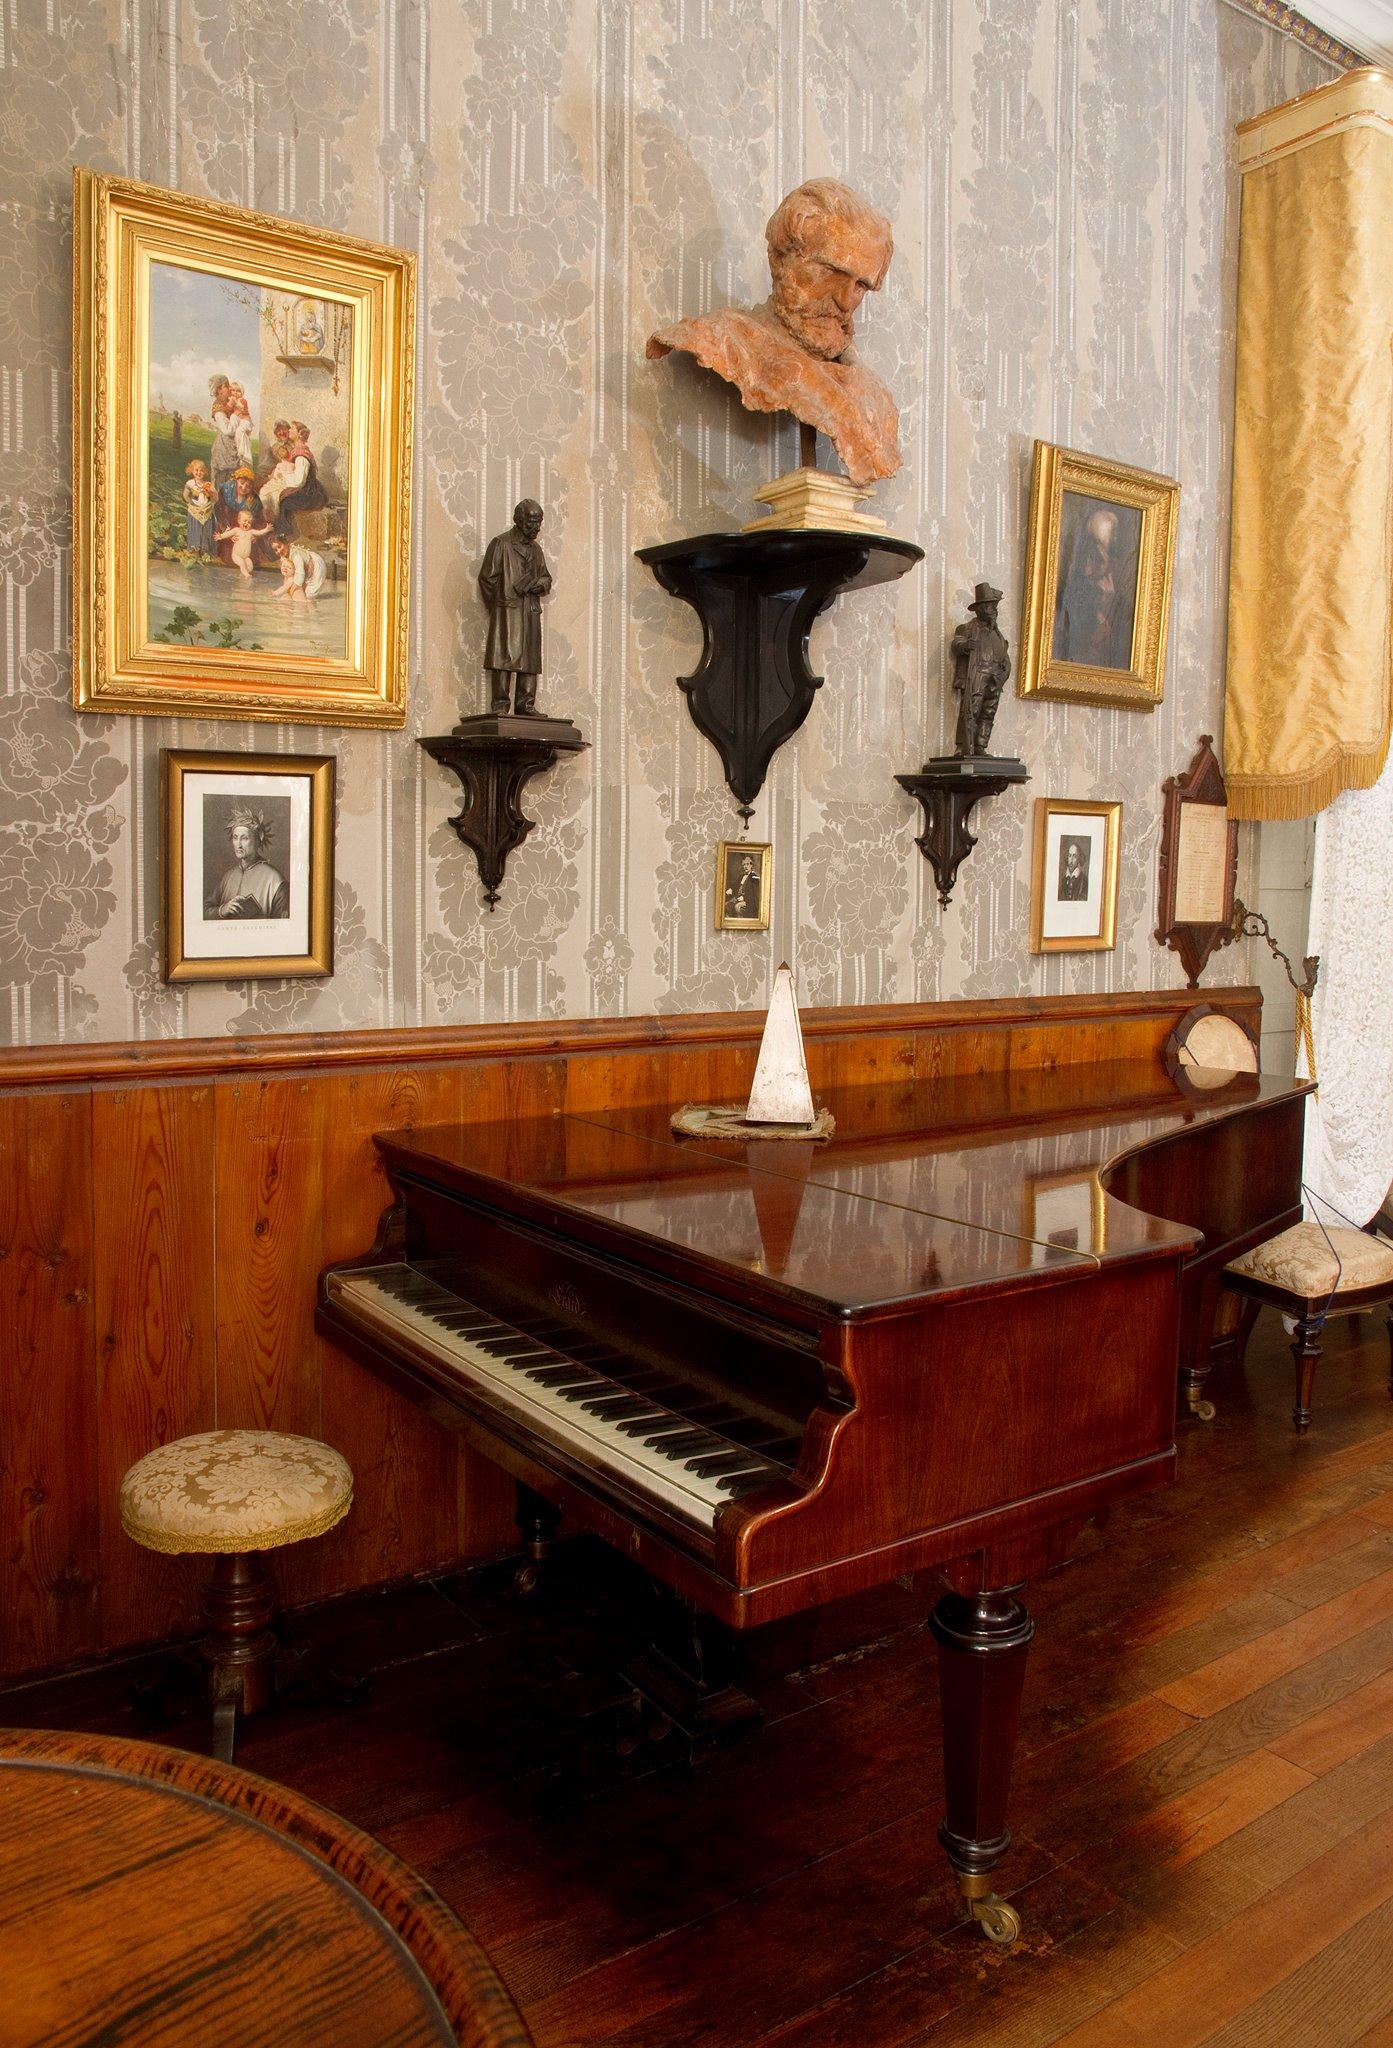 La camera di Giuseppe Verdi